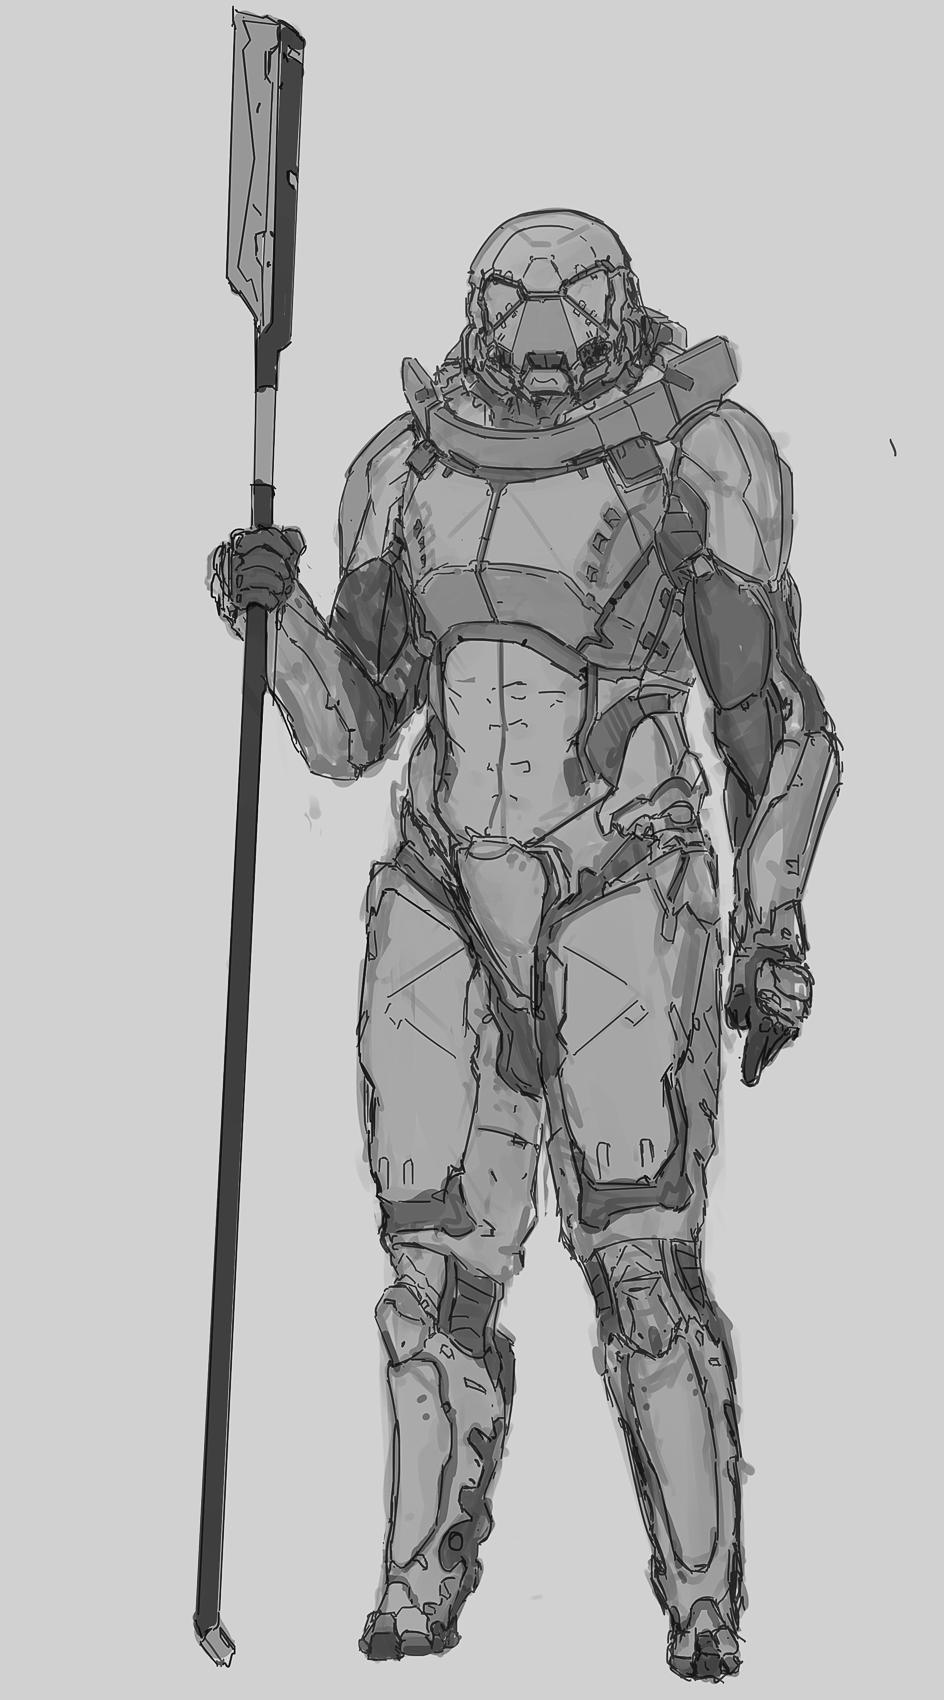 Pole arm trooper sketch sketch by Kwibl